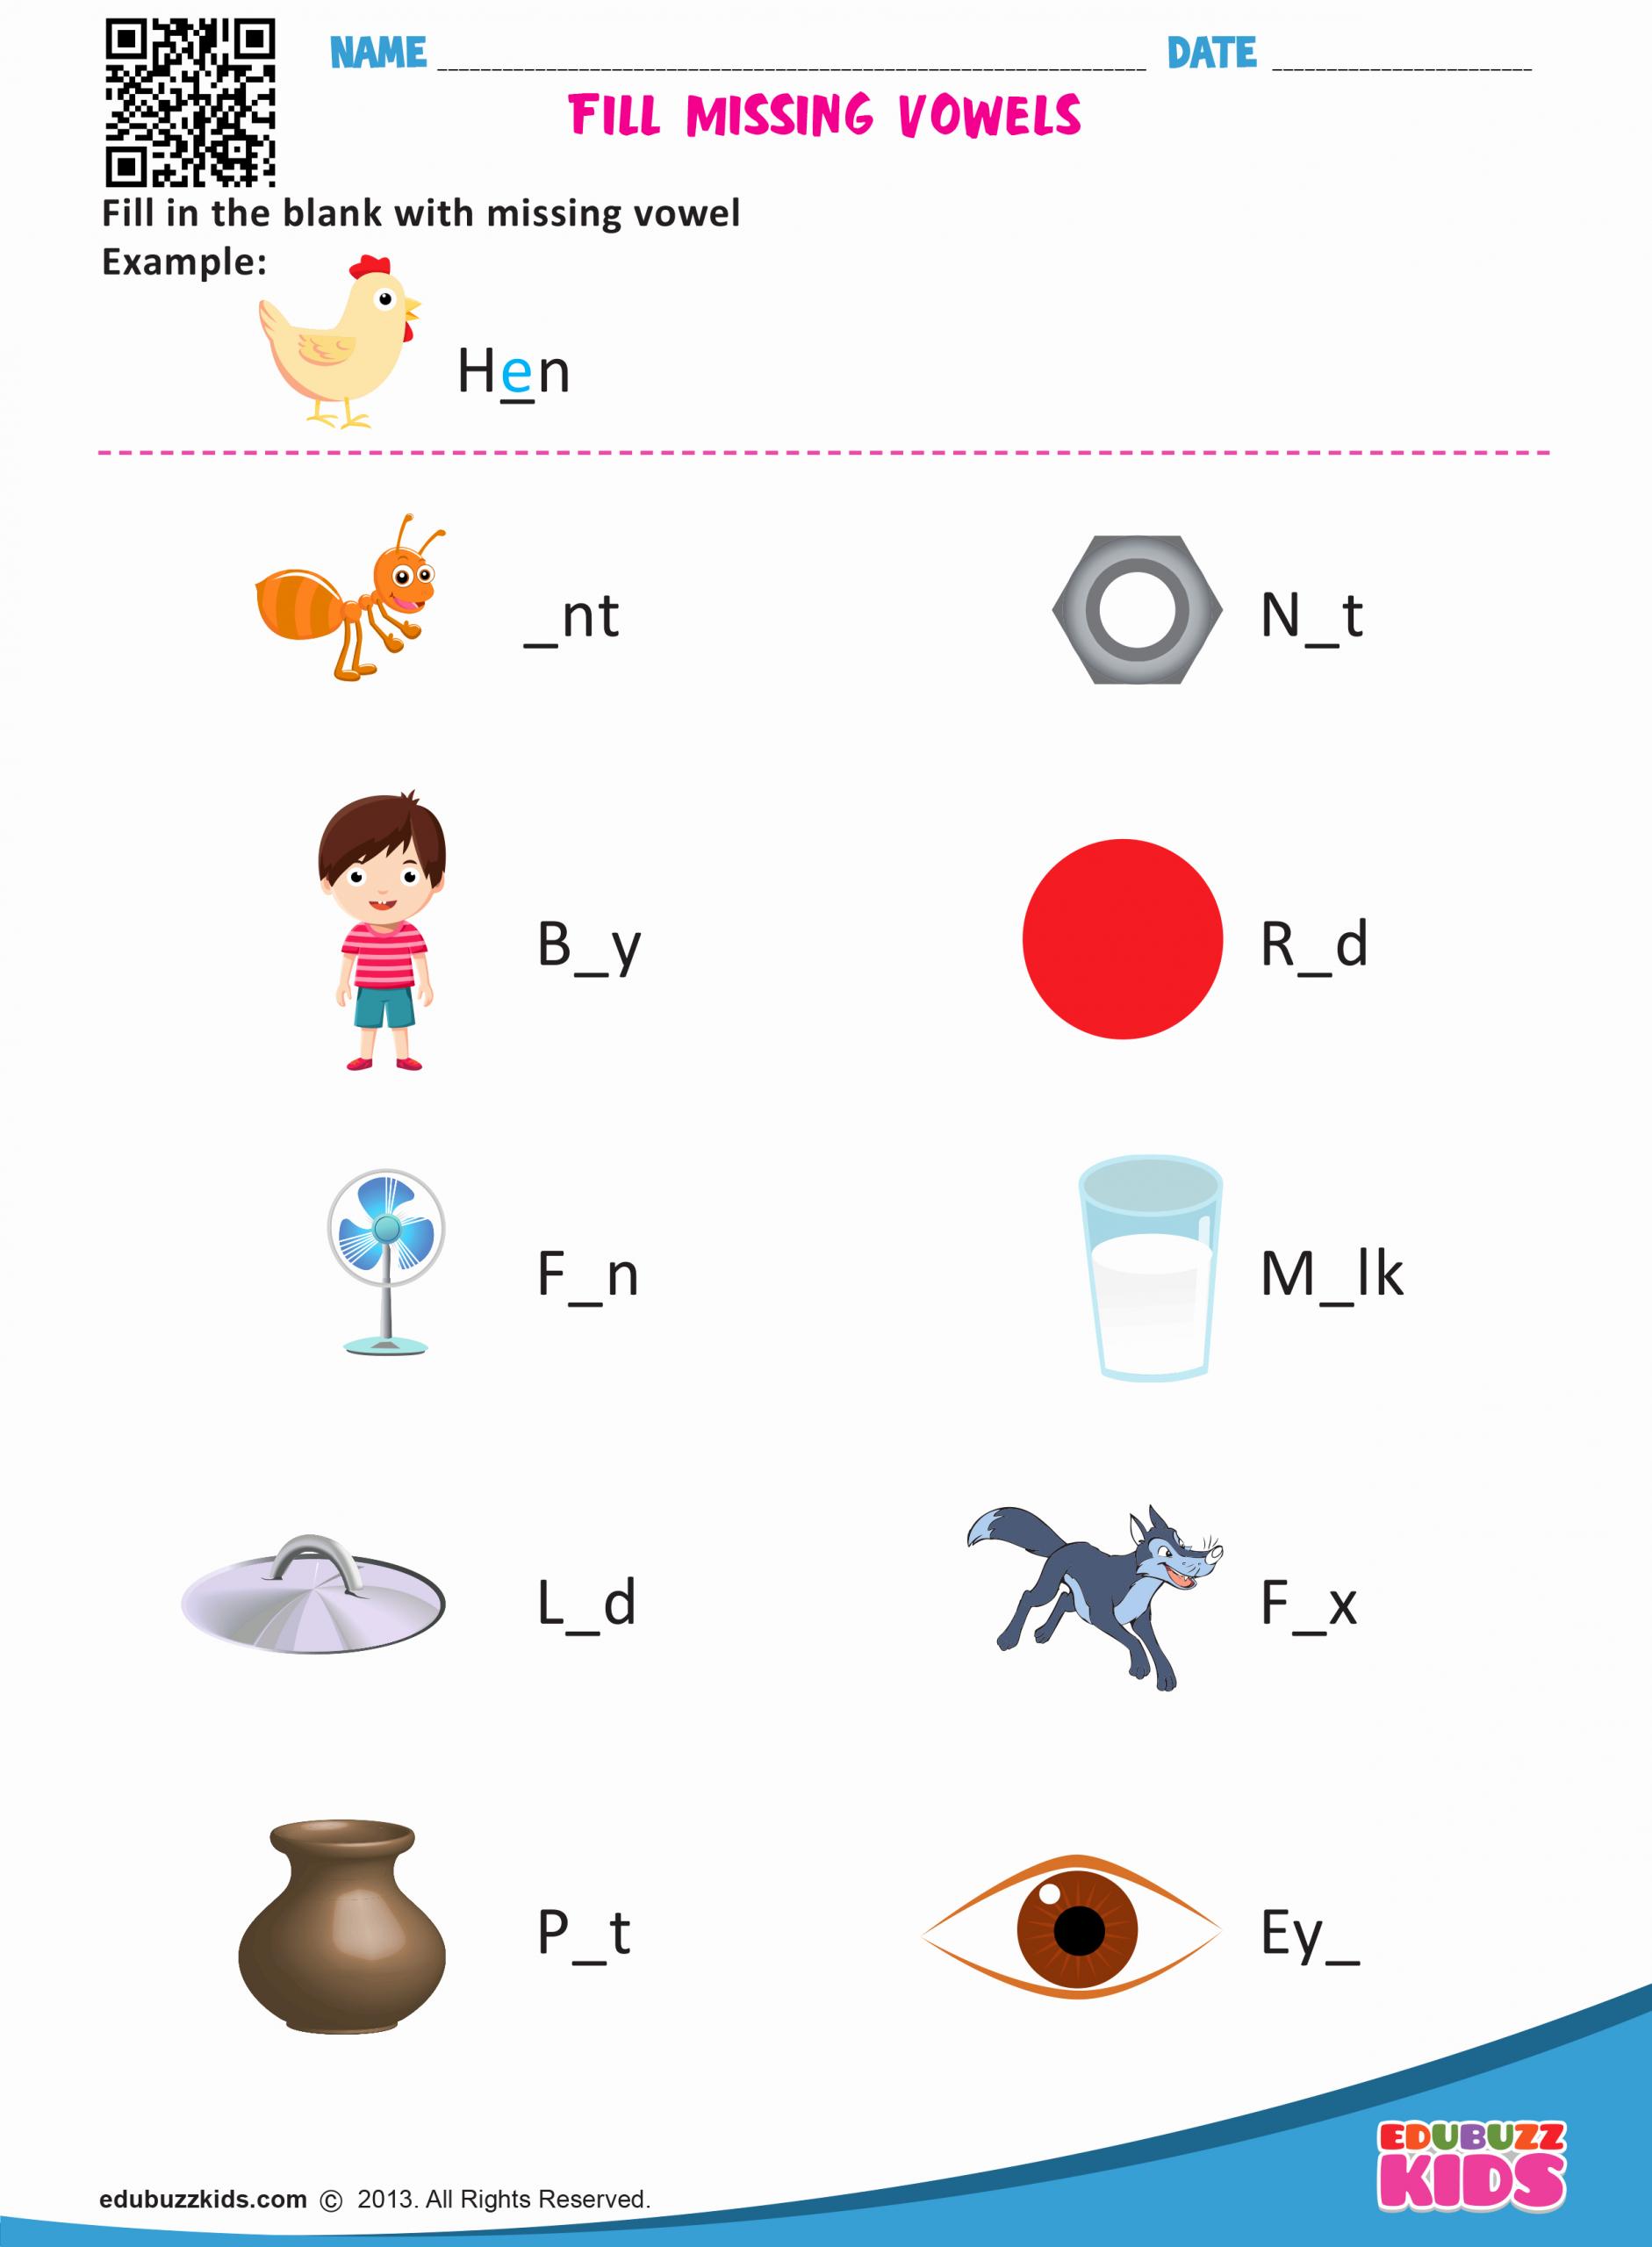 Vowel Worksheets for Kindergarten Lovely Kindergarten Missing Vowels Worksheets with Printable